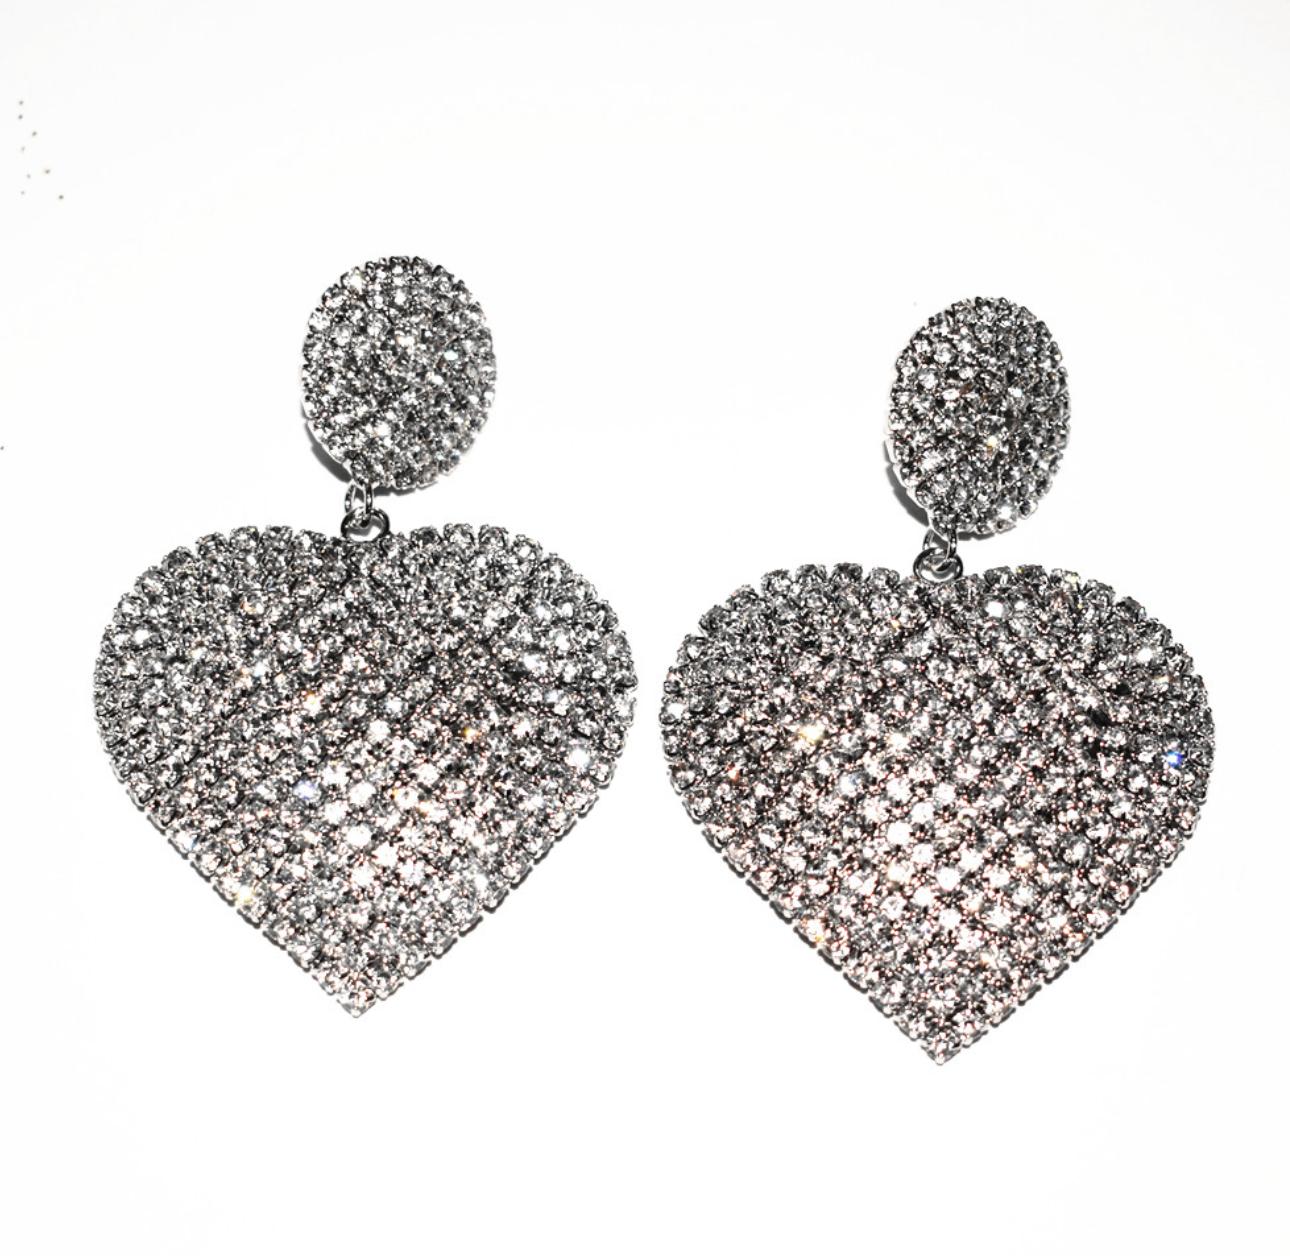 Pendientes colgantes con forma de corazón